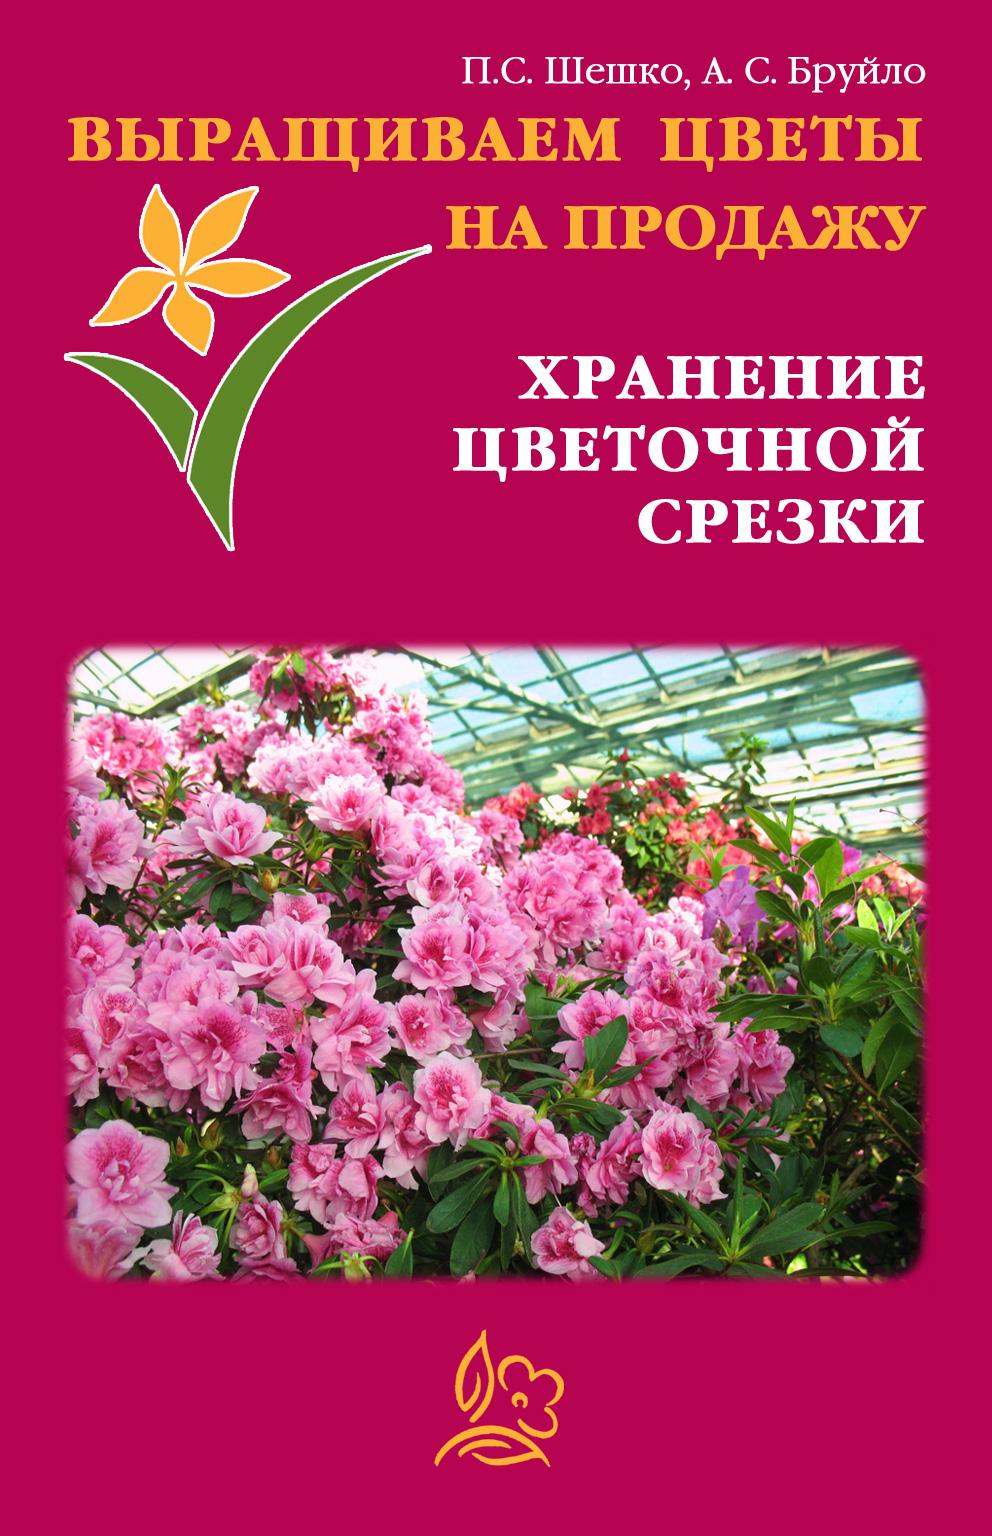 Выращиваем цветы на продажу. Хранение цветочной срезки